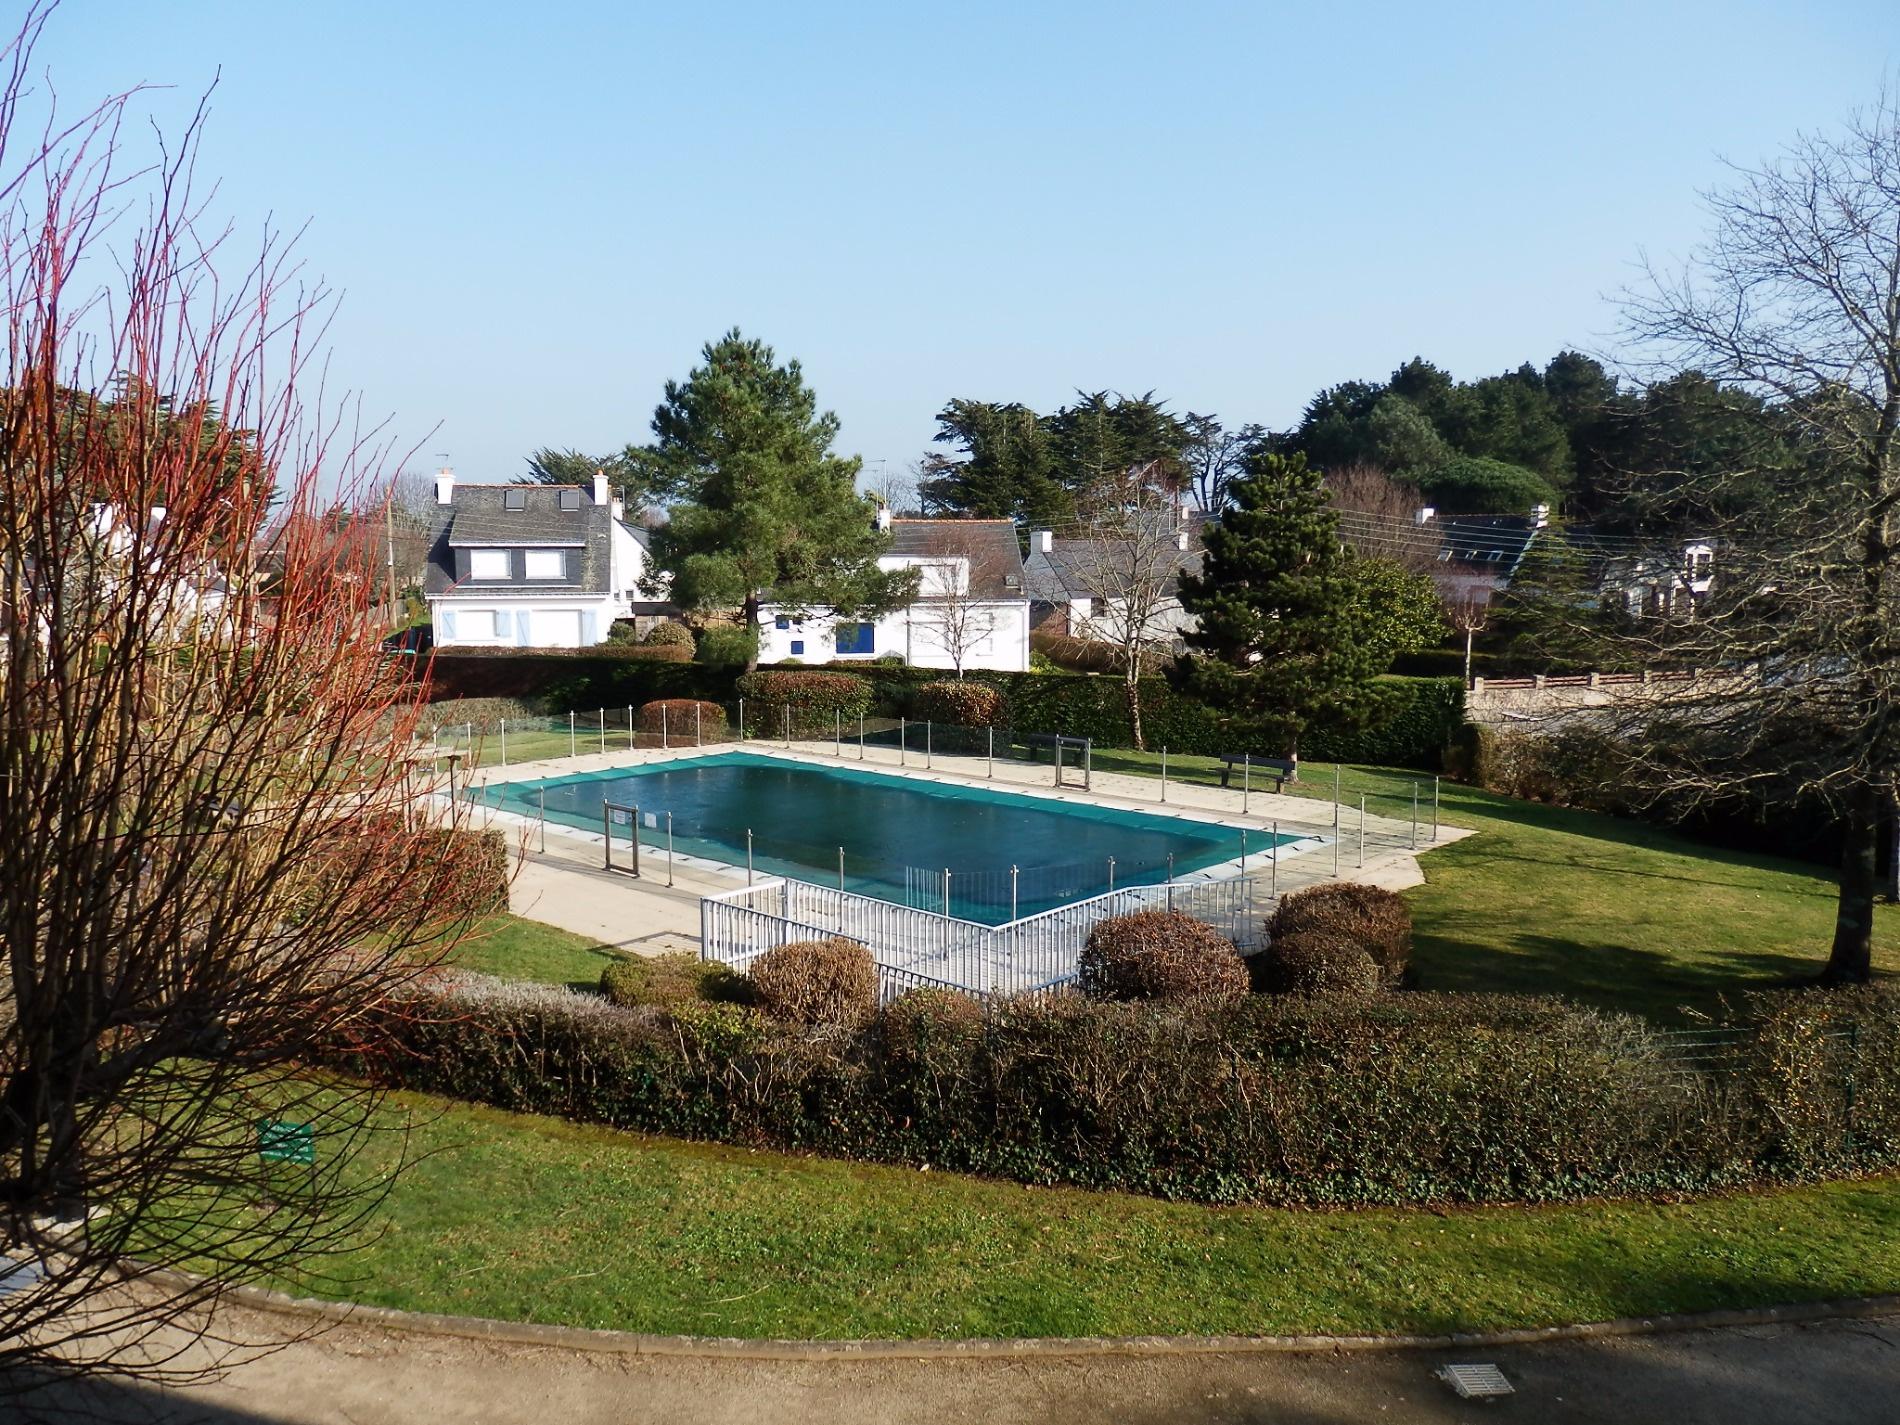 Offres locations vacances dans r sidence avec piscine - Residence vacances var avec piscine ...